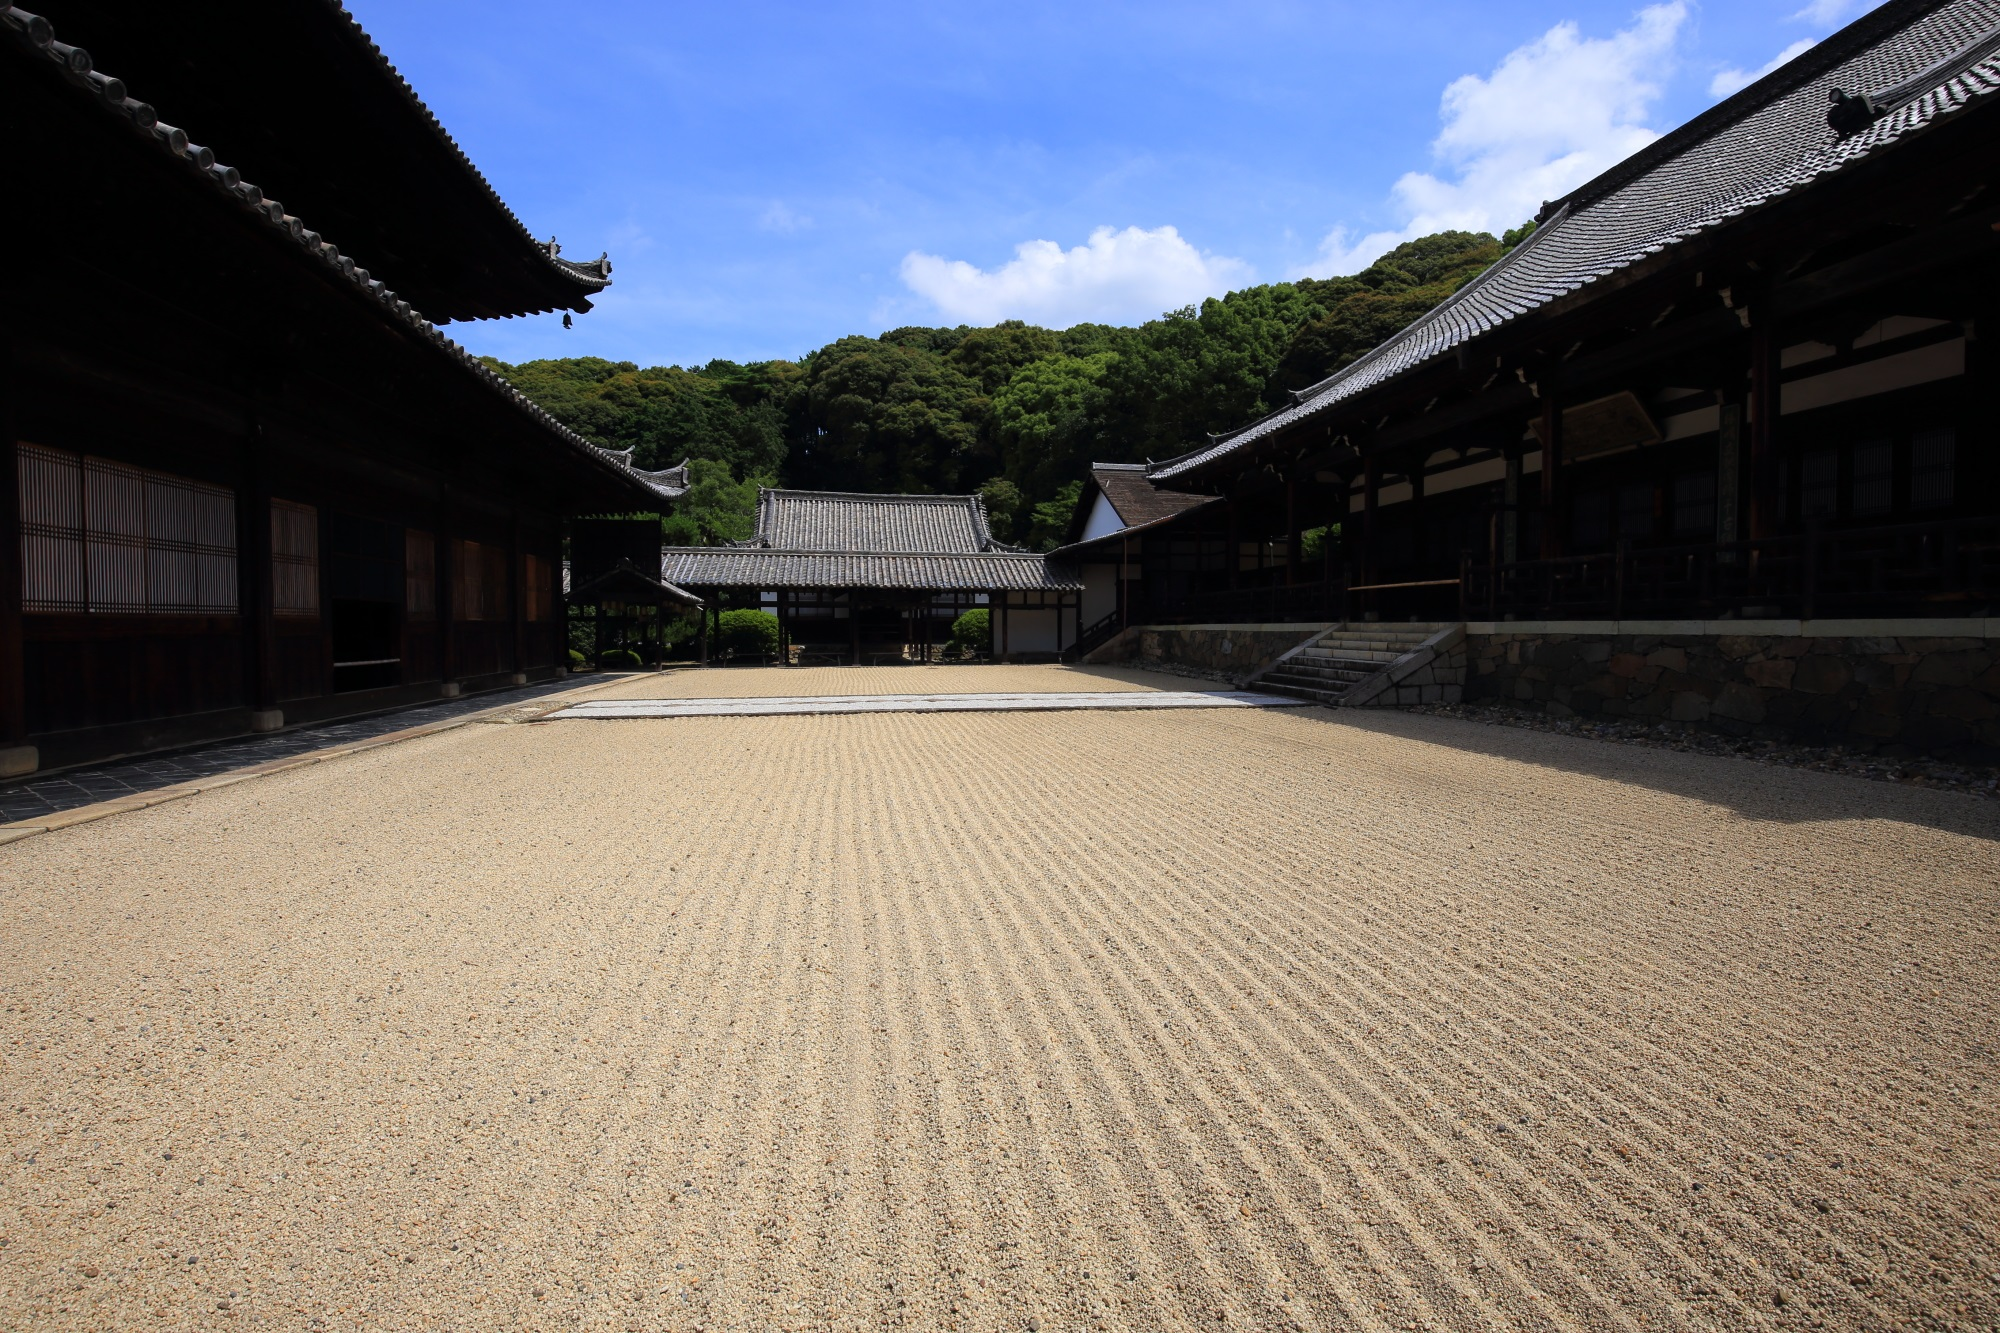 優雅な空間が広がる萬福寺の大雄宝殿と法堂